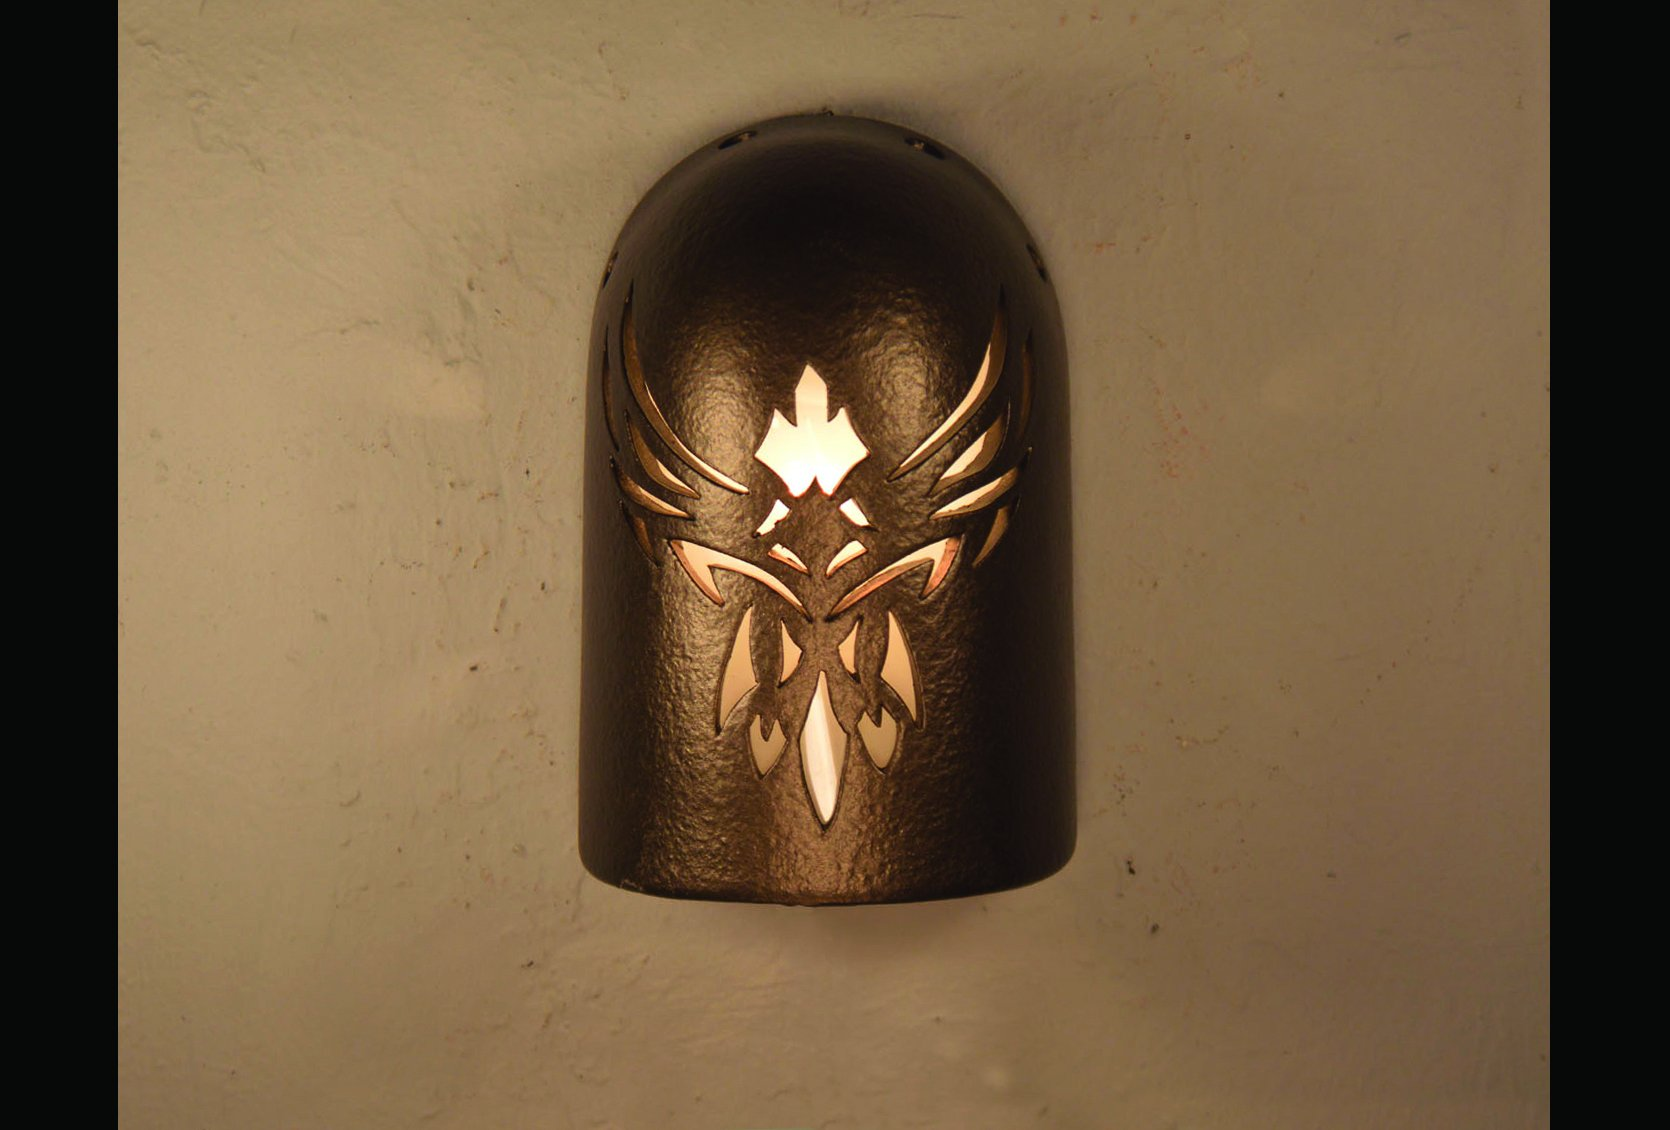 """8"""" Hood Wall Sconce - With Phoenix Design, in Anodized Bronze - Indoor/Outdoor"""